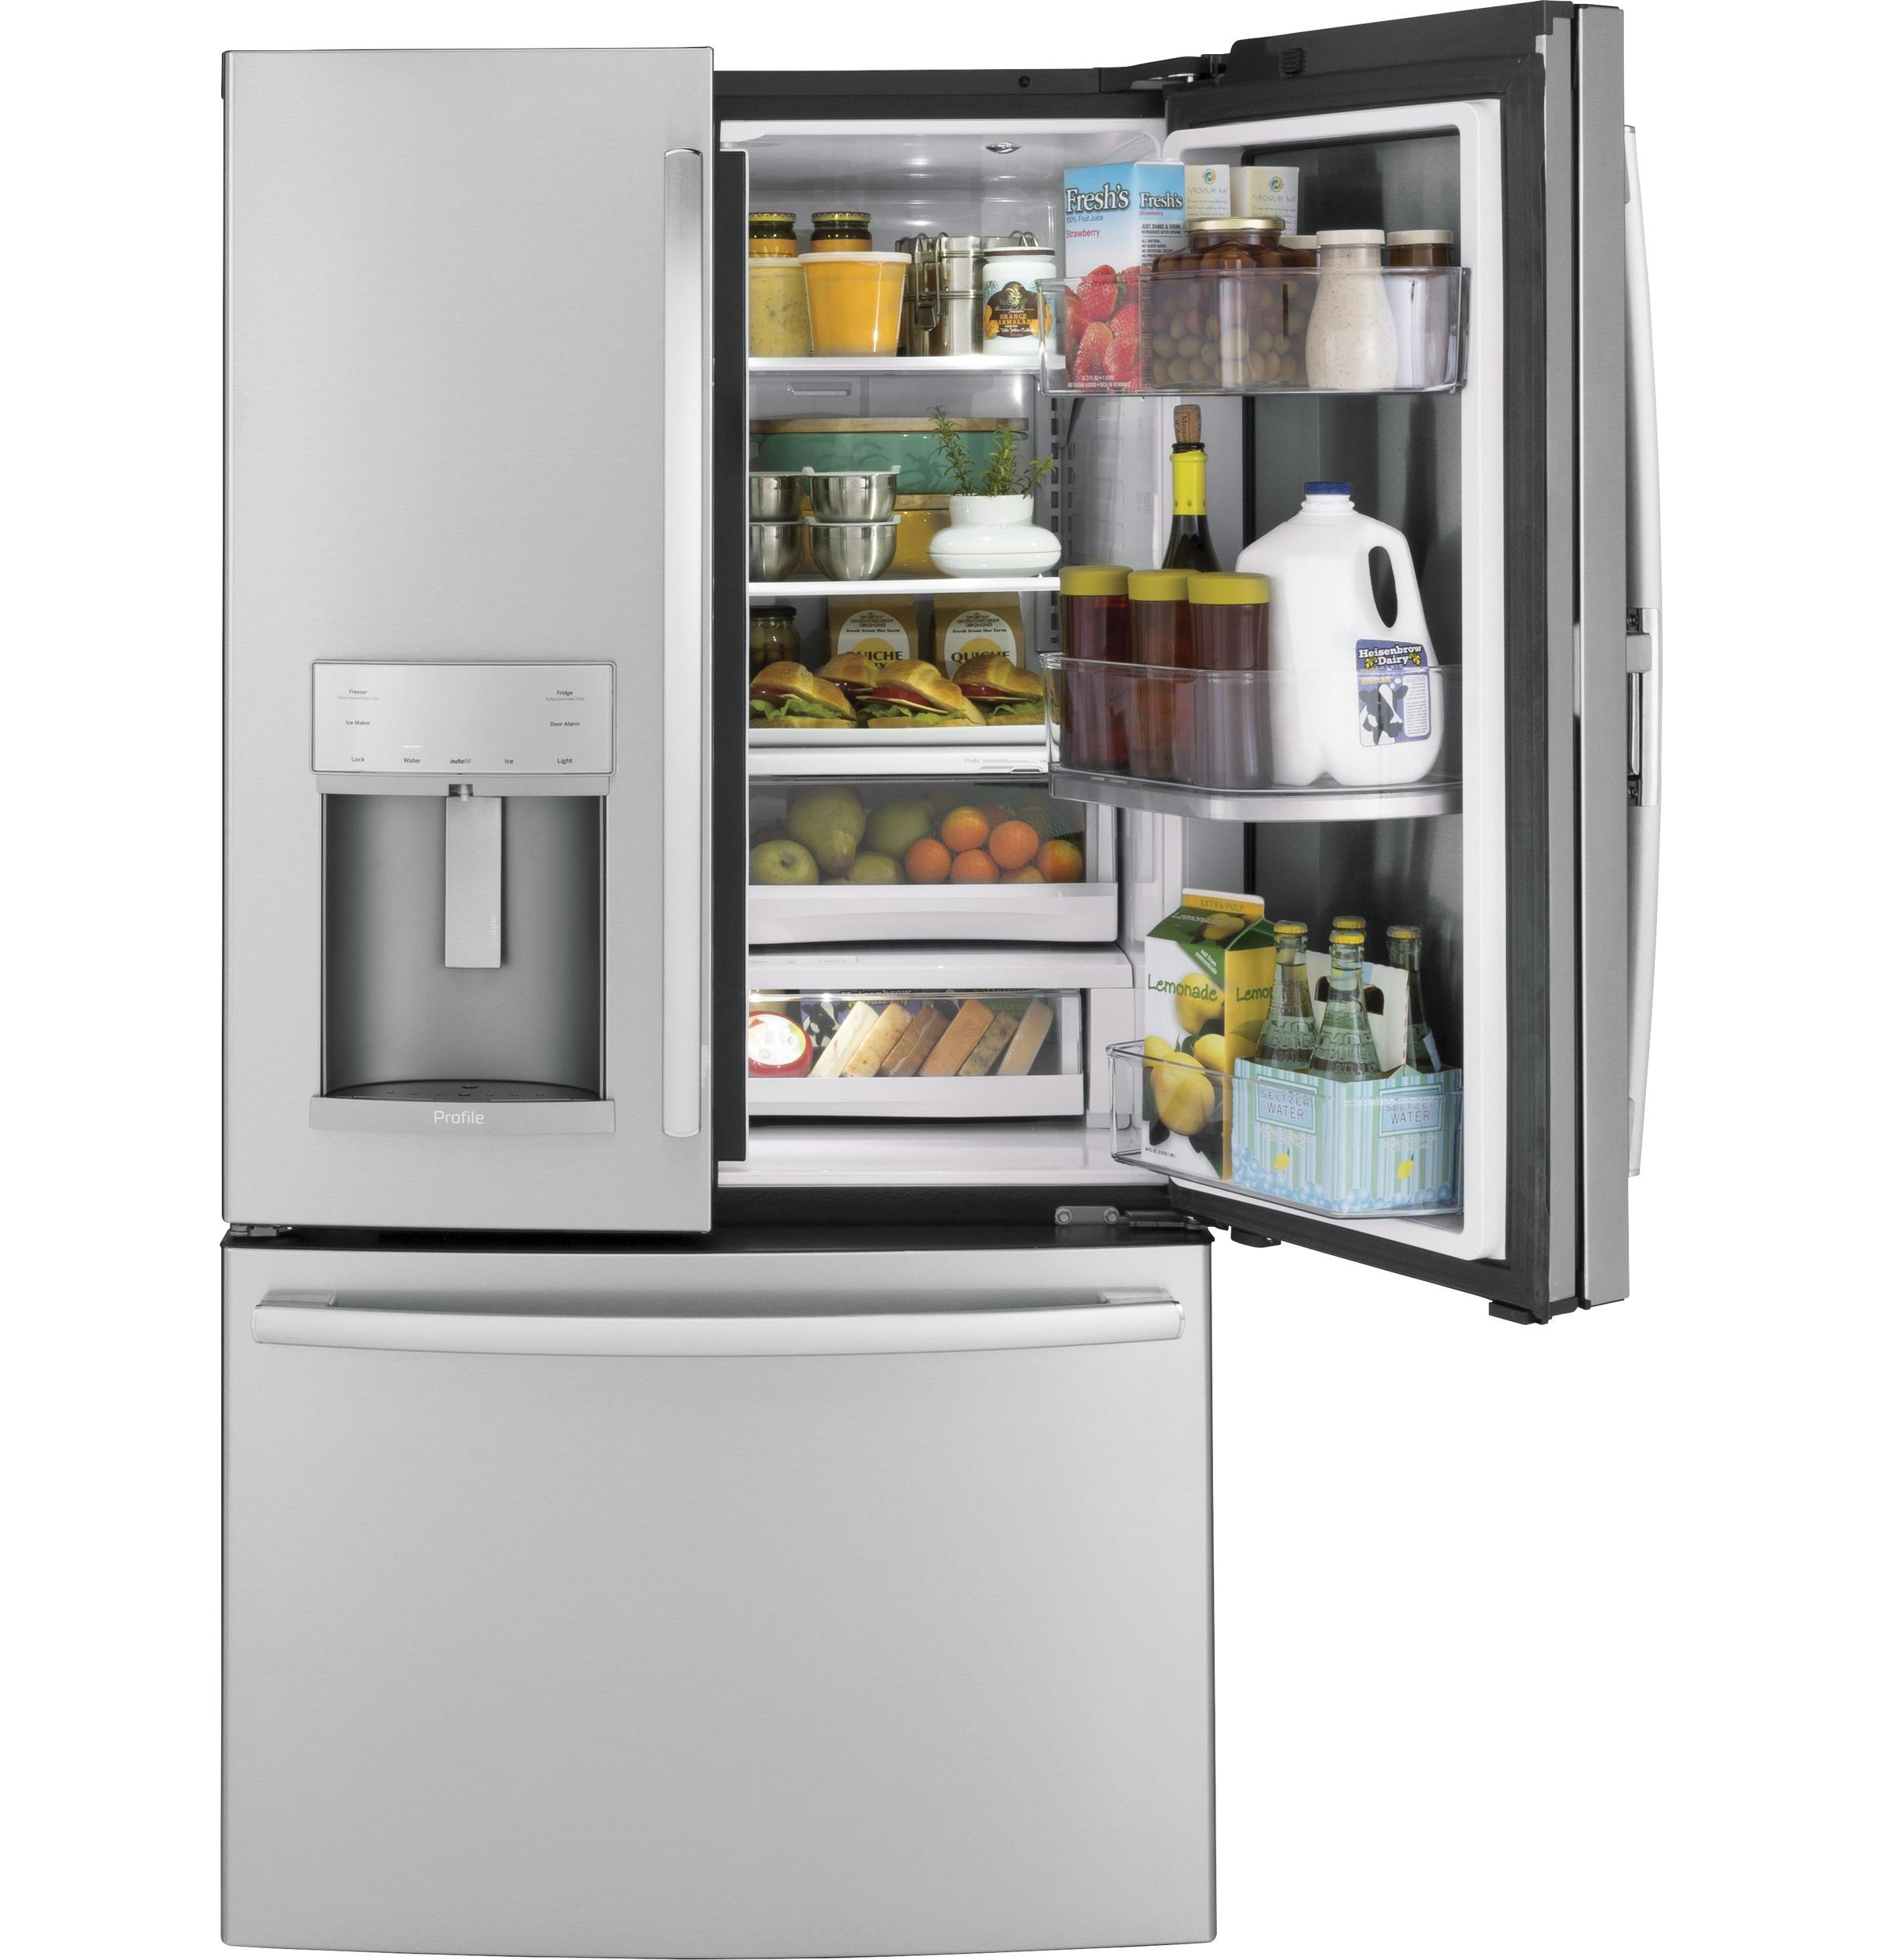 Model: PFD28KSLSS | GE Profile™ Series 27.8 Cu. Ft. French-Door Refrigerator with Door In Door and Hands-Free AutoFill